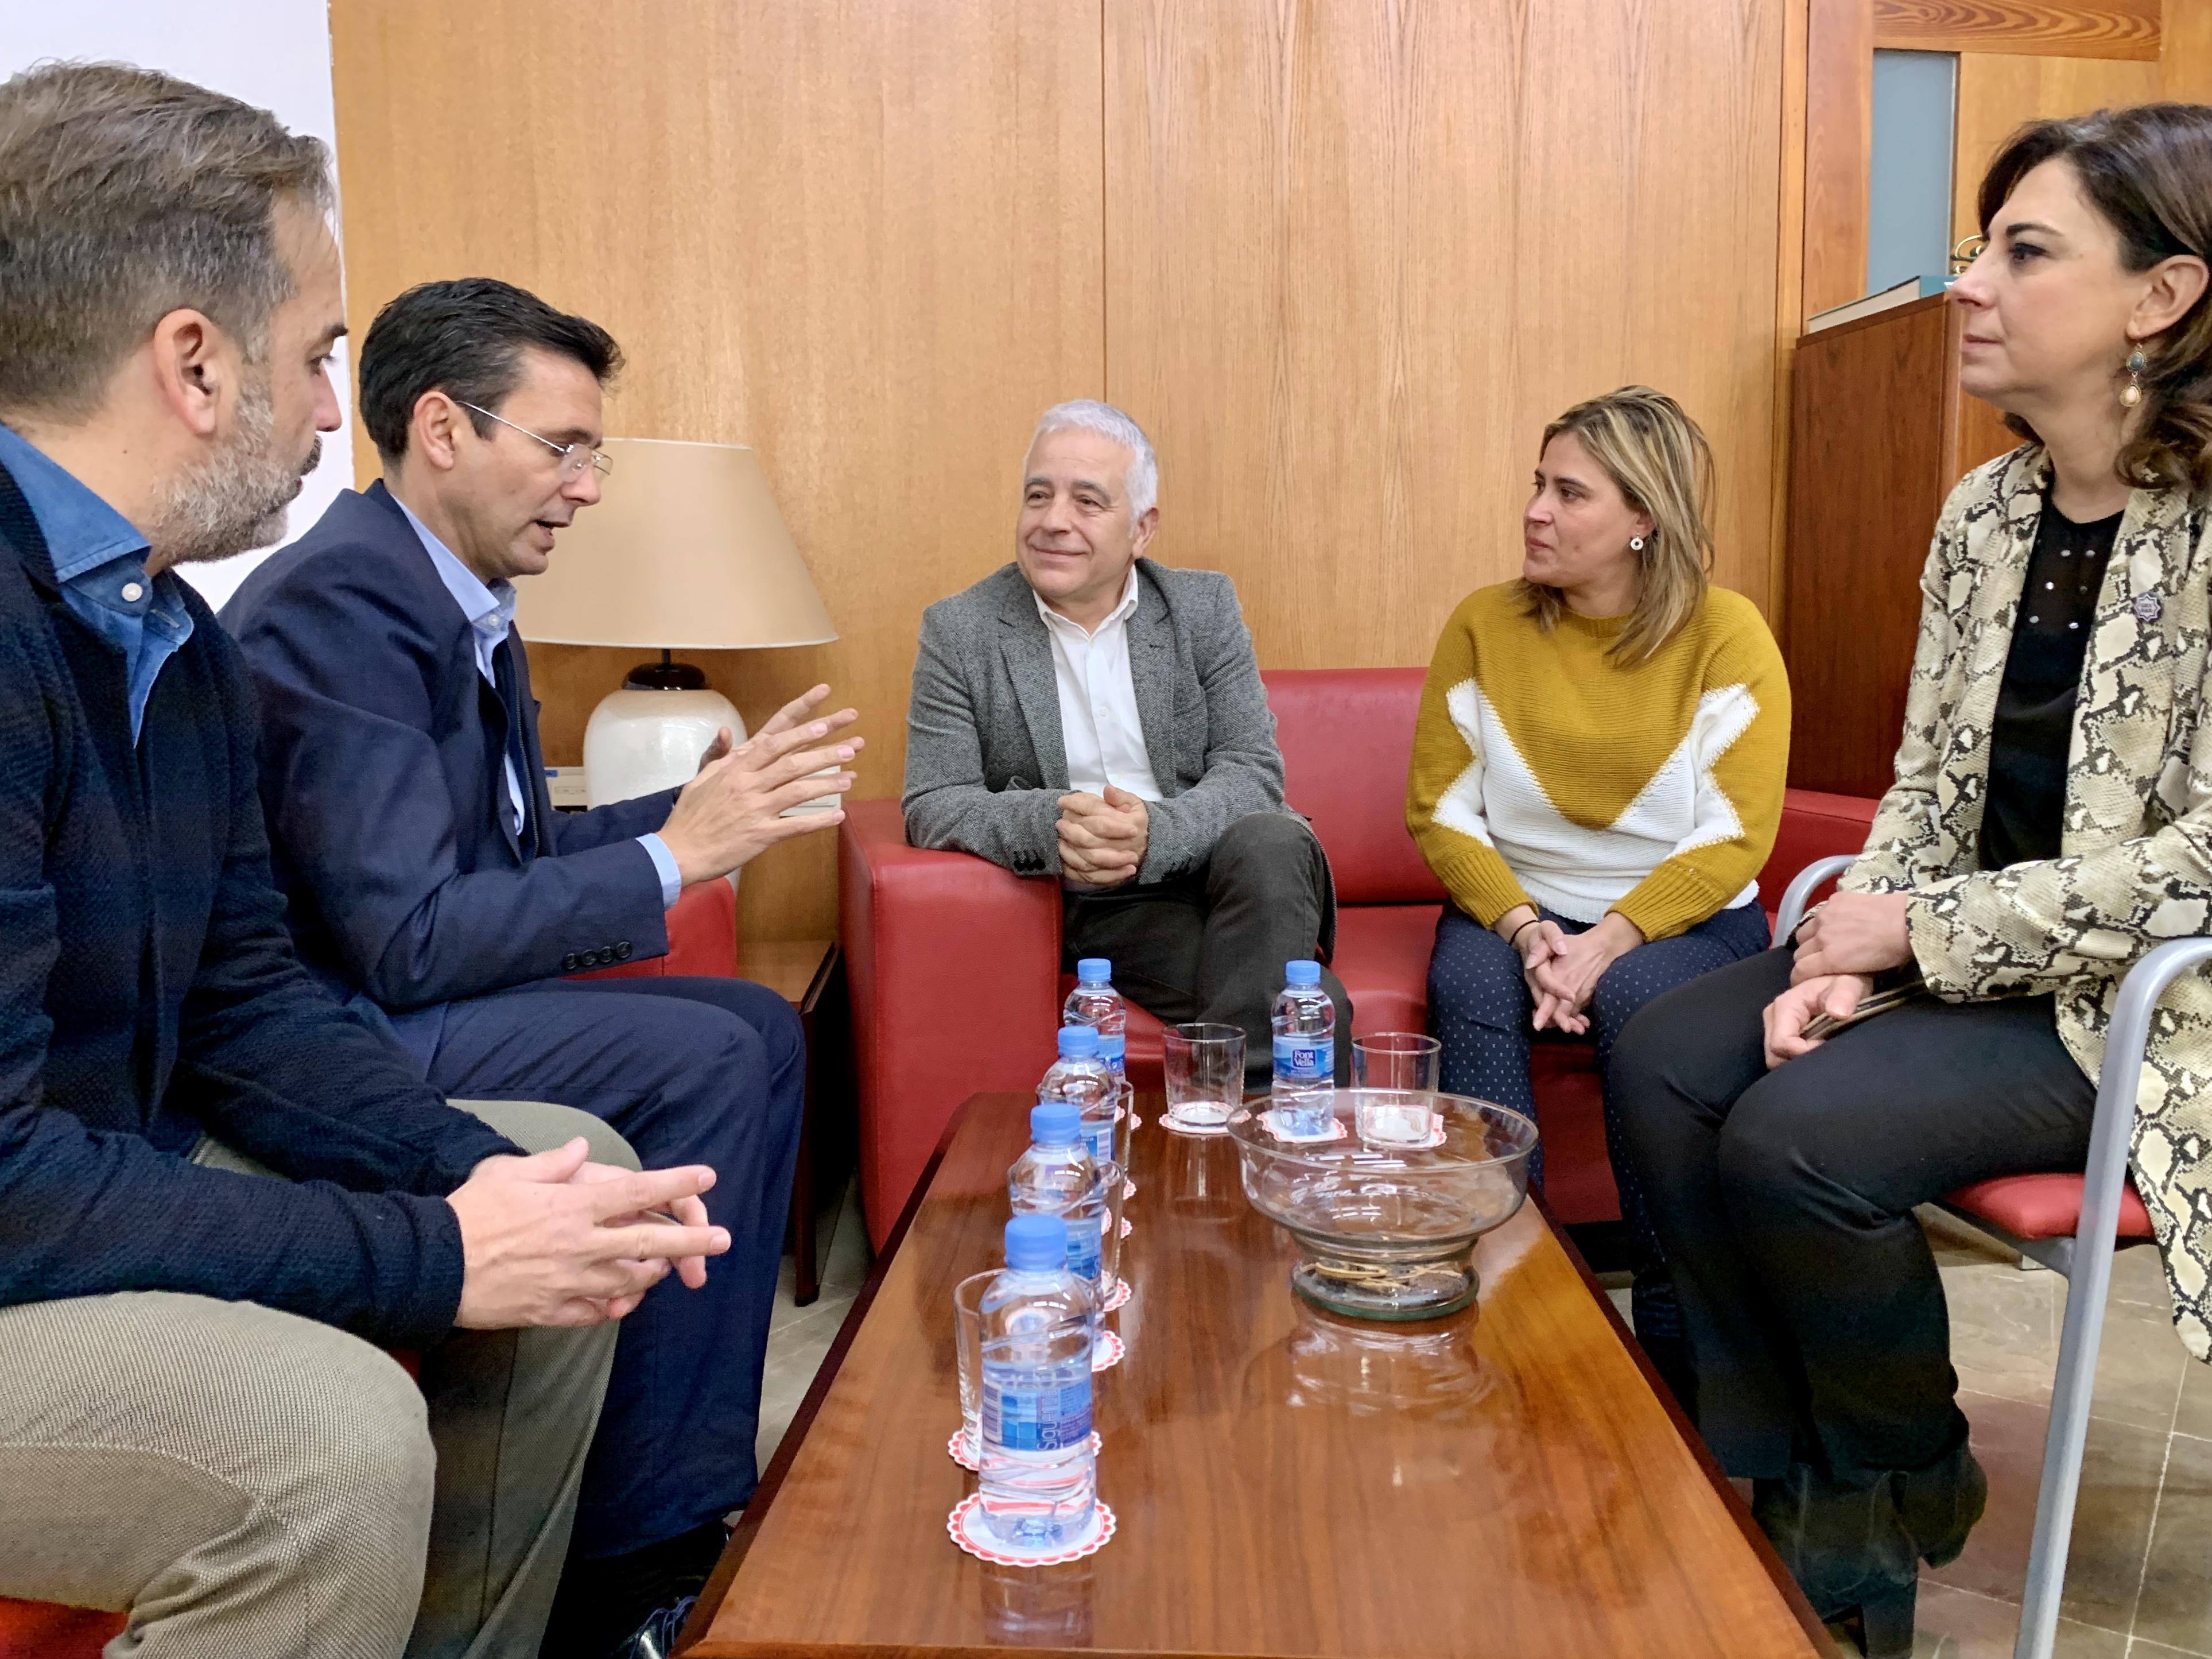 Cuenca propone unas jornadas para reflexionar sobre la reforma educativa de la Junta